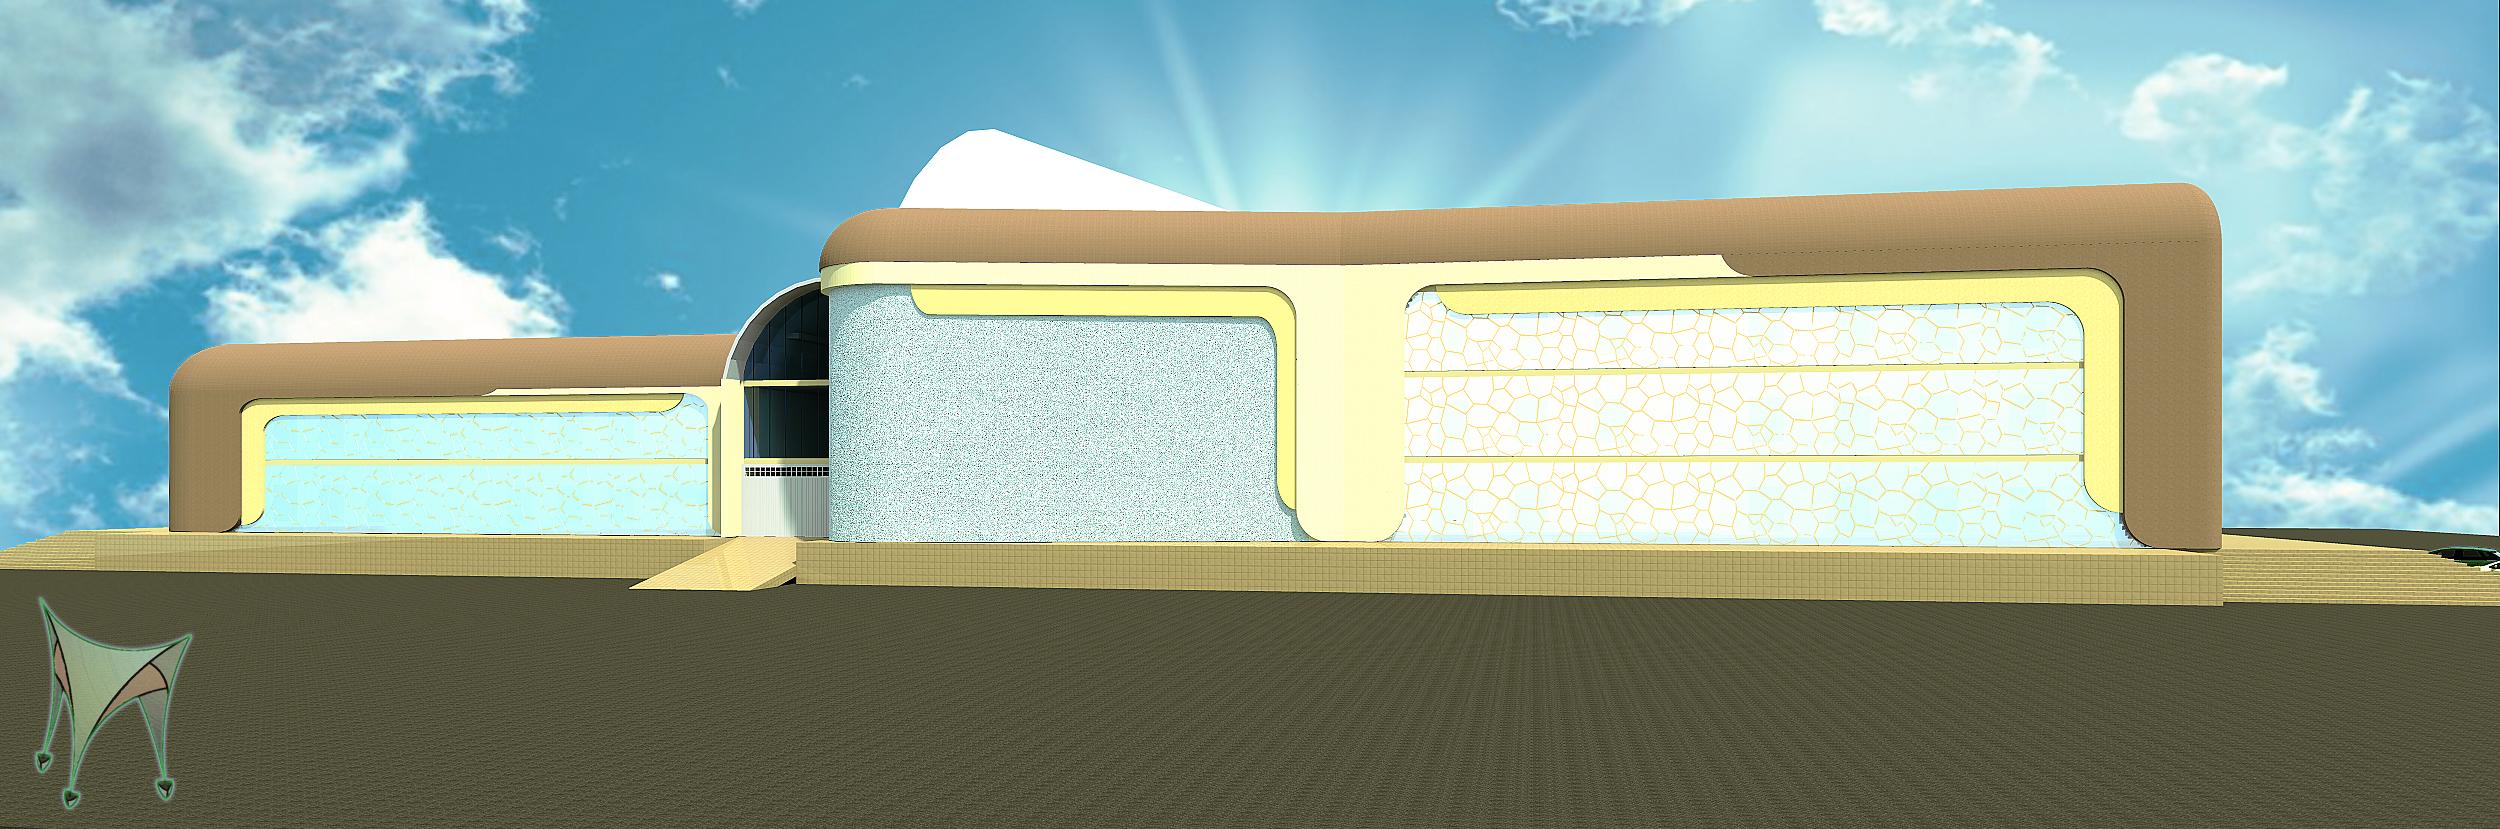 Разработка архитектурной концепции театра оперы и балета фото f_19252f4b7da37136.jpg